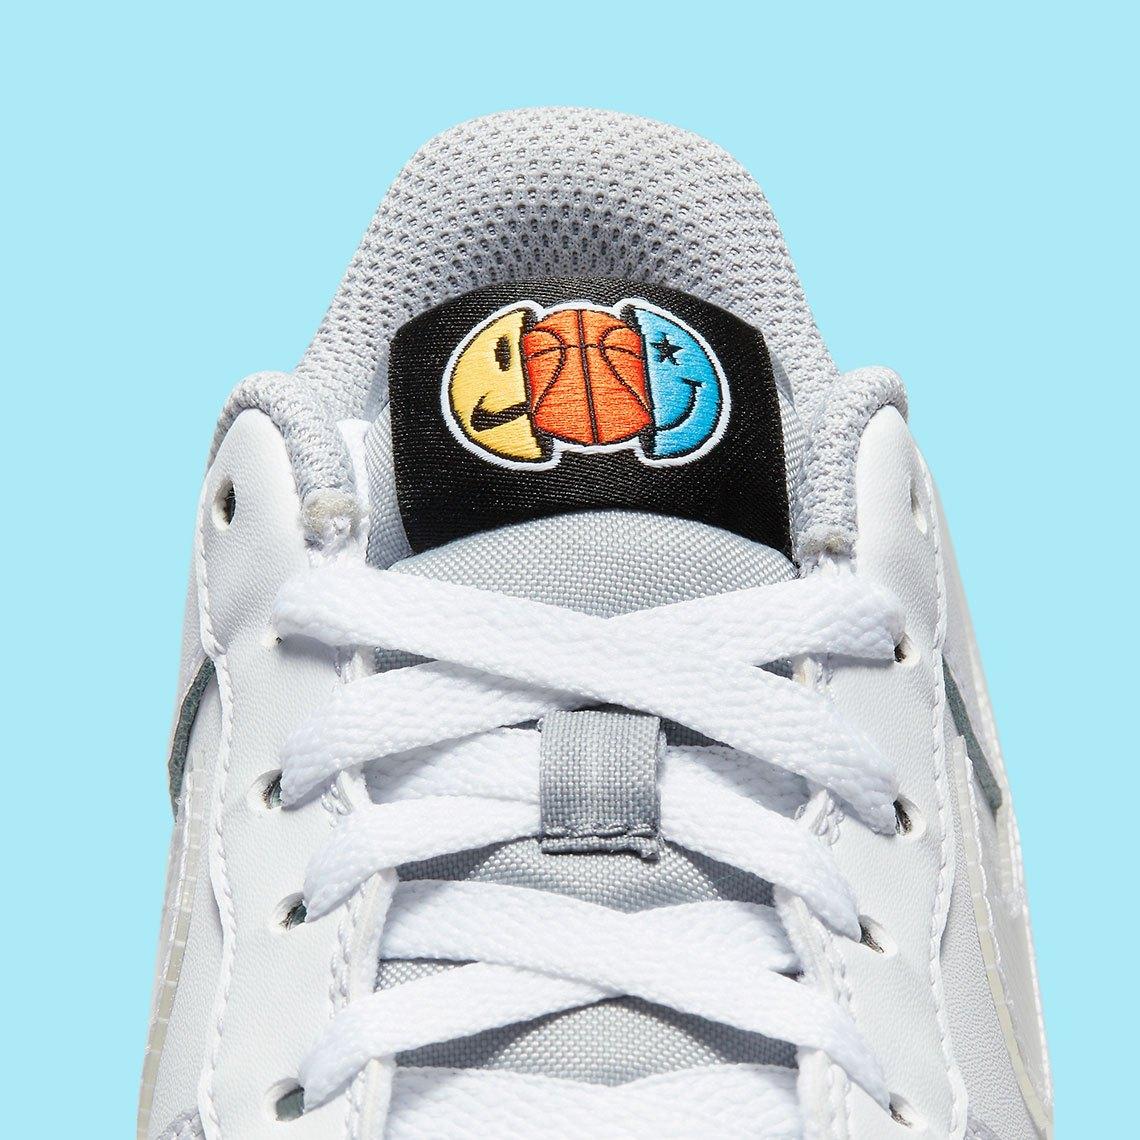 Nike,Air Force 1  「阴阳」篮球图案!全新 Air Force 1 官图曝光!